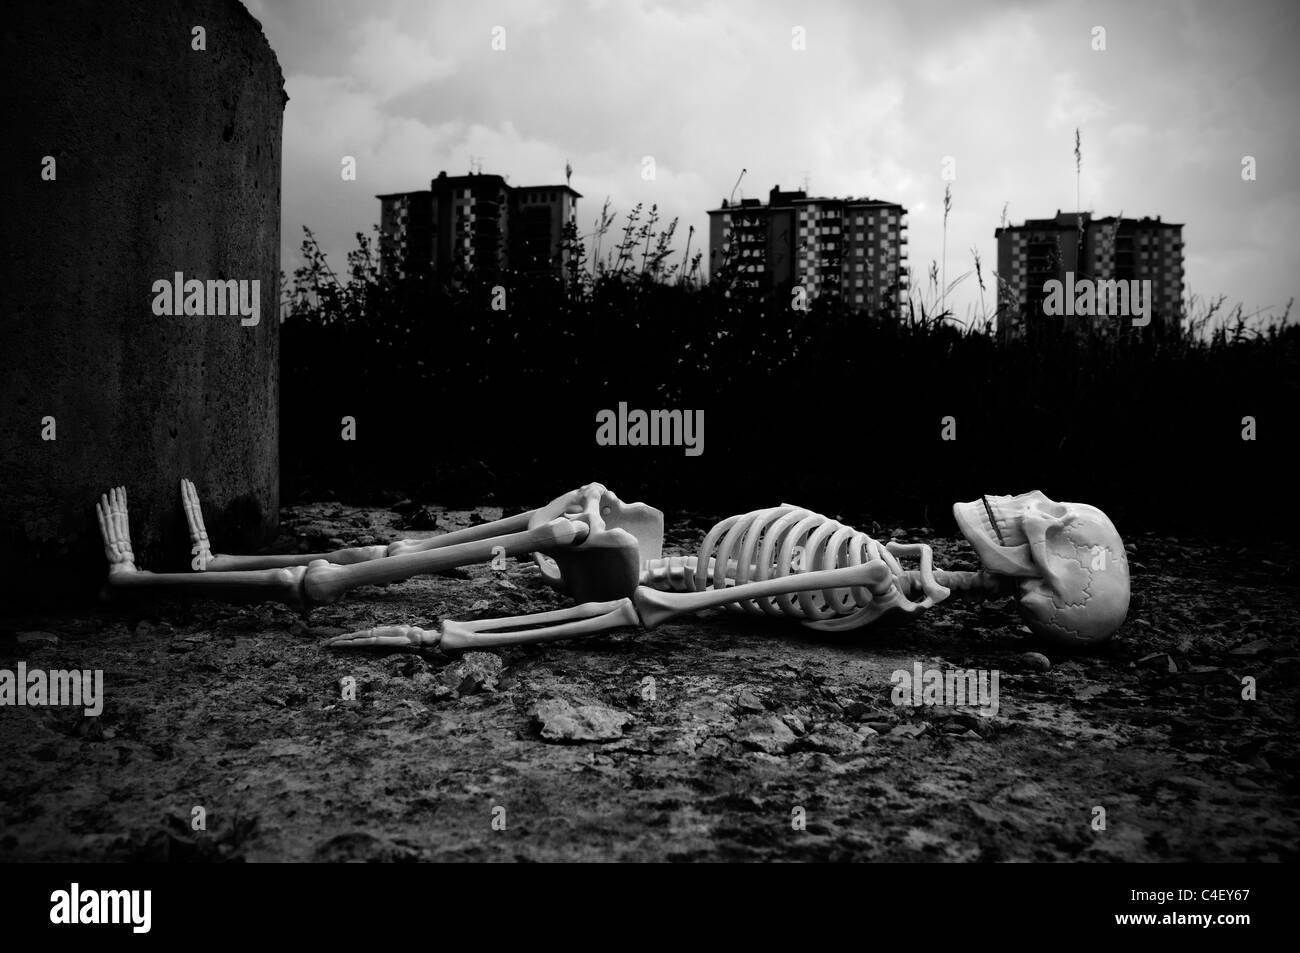 El esqueleto que yacía en el suelo Imagen De Stock